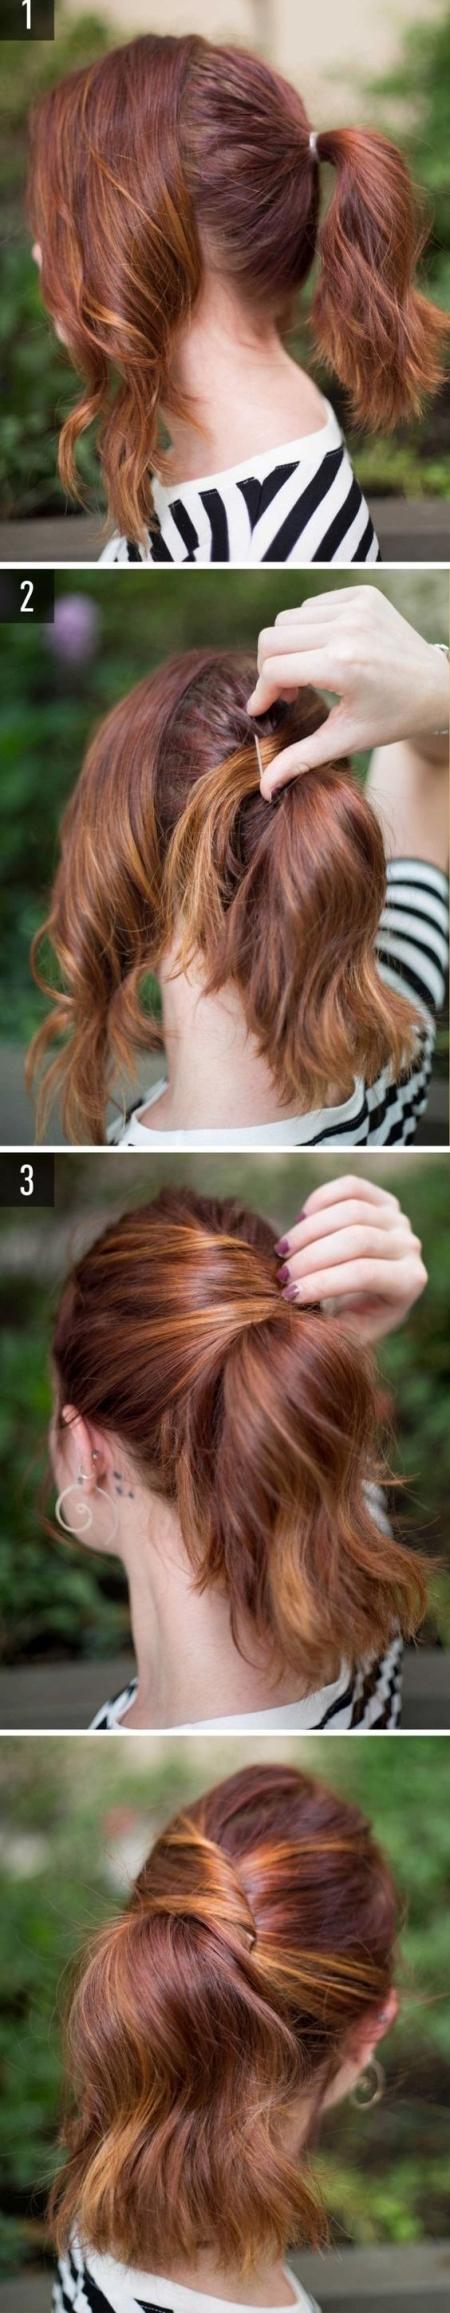 pricheski-na-srednije-volosy-5 Прически на средние волосы: 100 фото самых стильных укладок